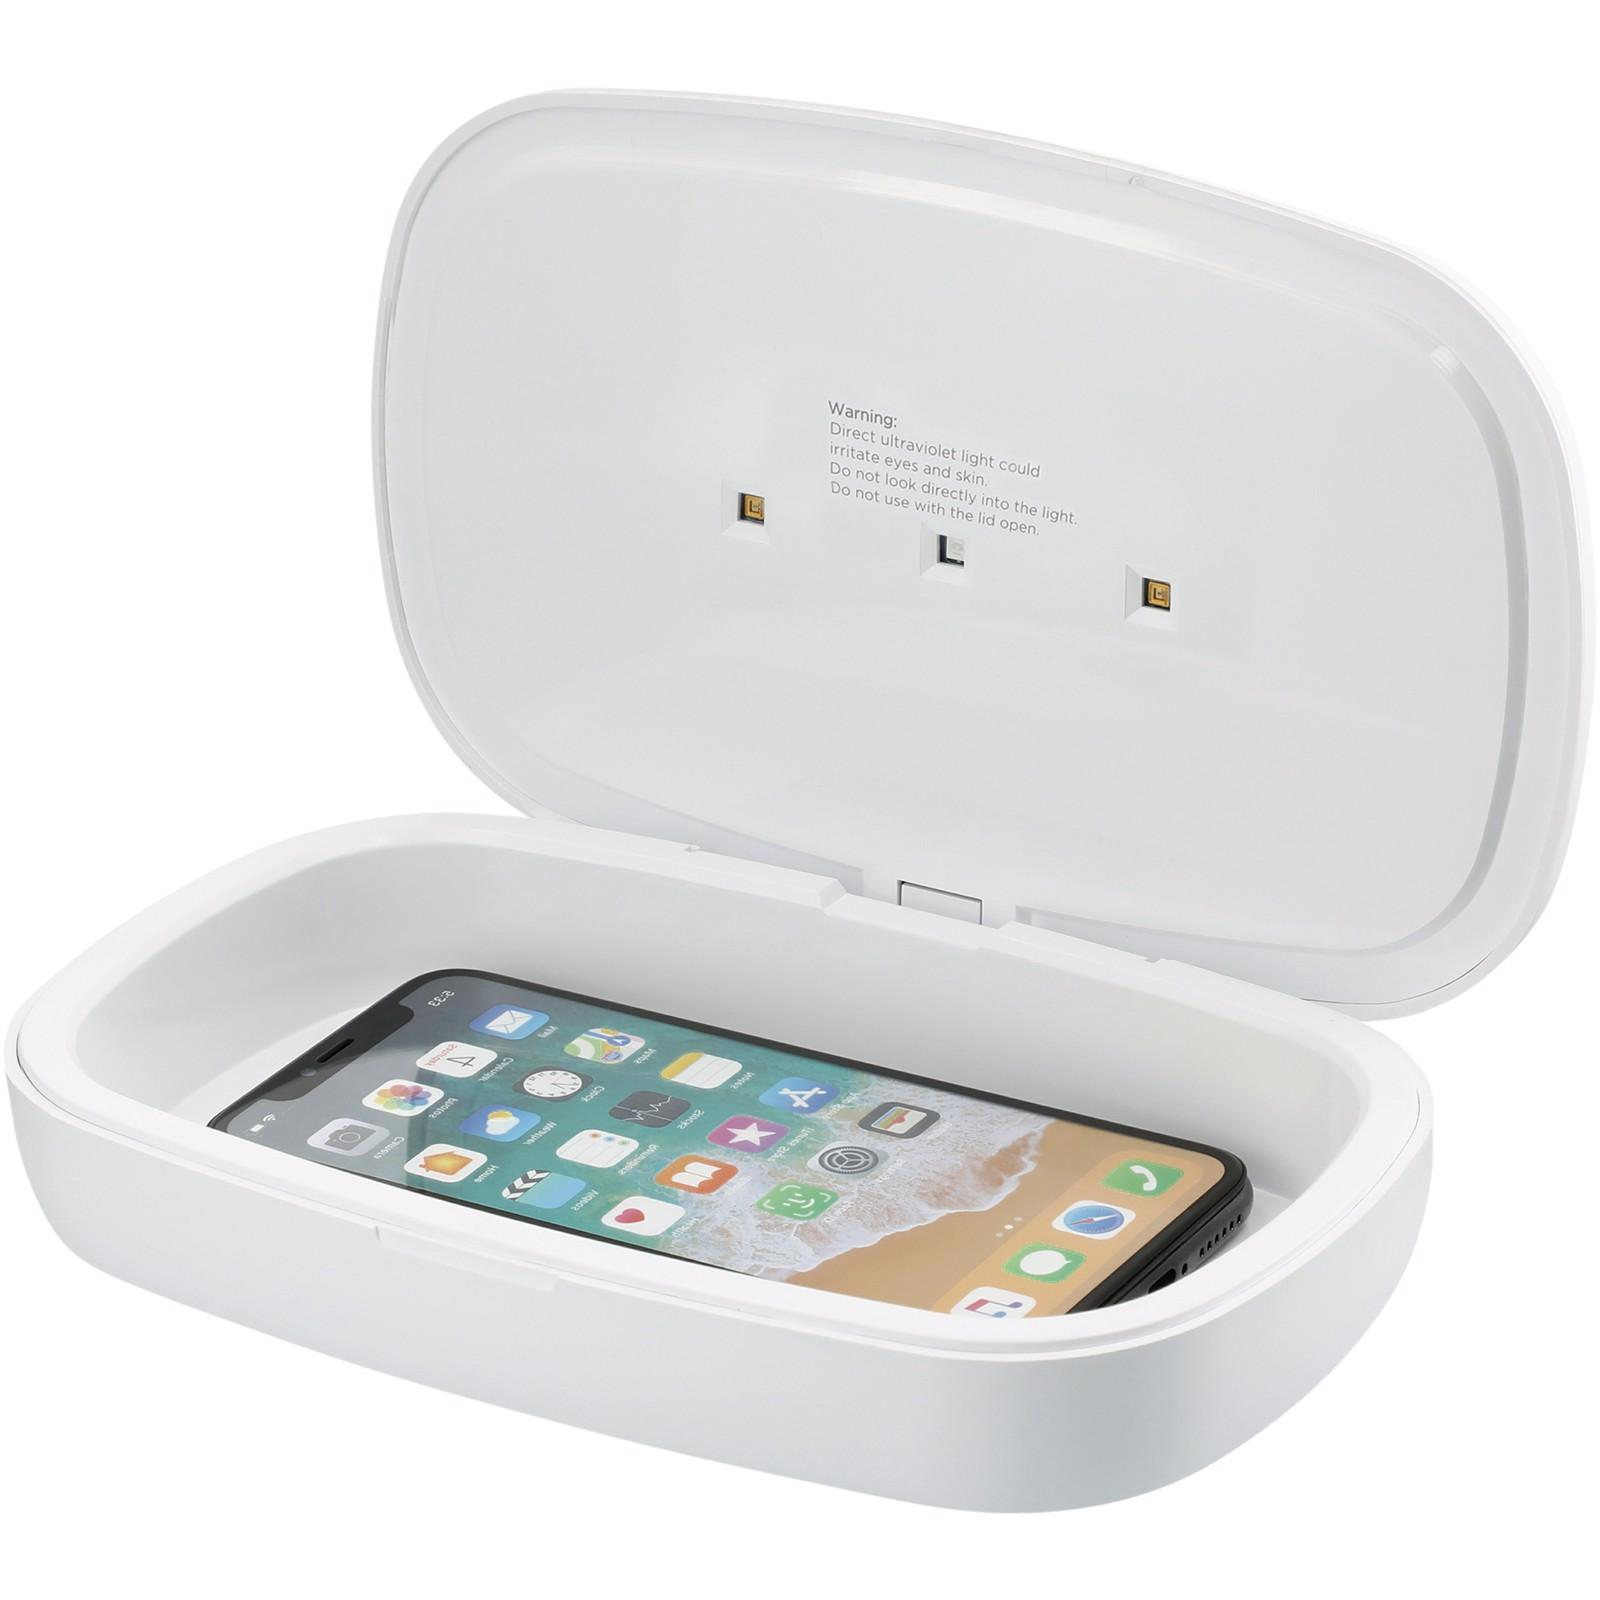 Capsule UV dezinfekční přístroj pro smartphone s 5W bezdrátovou nabíjecí podložkou